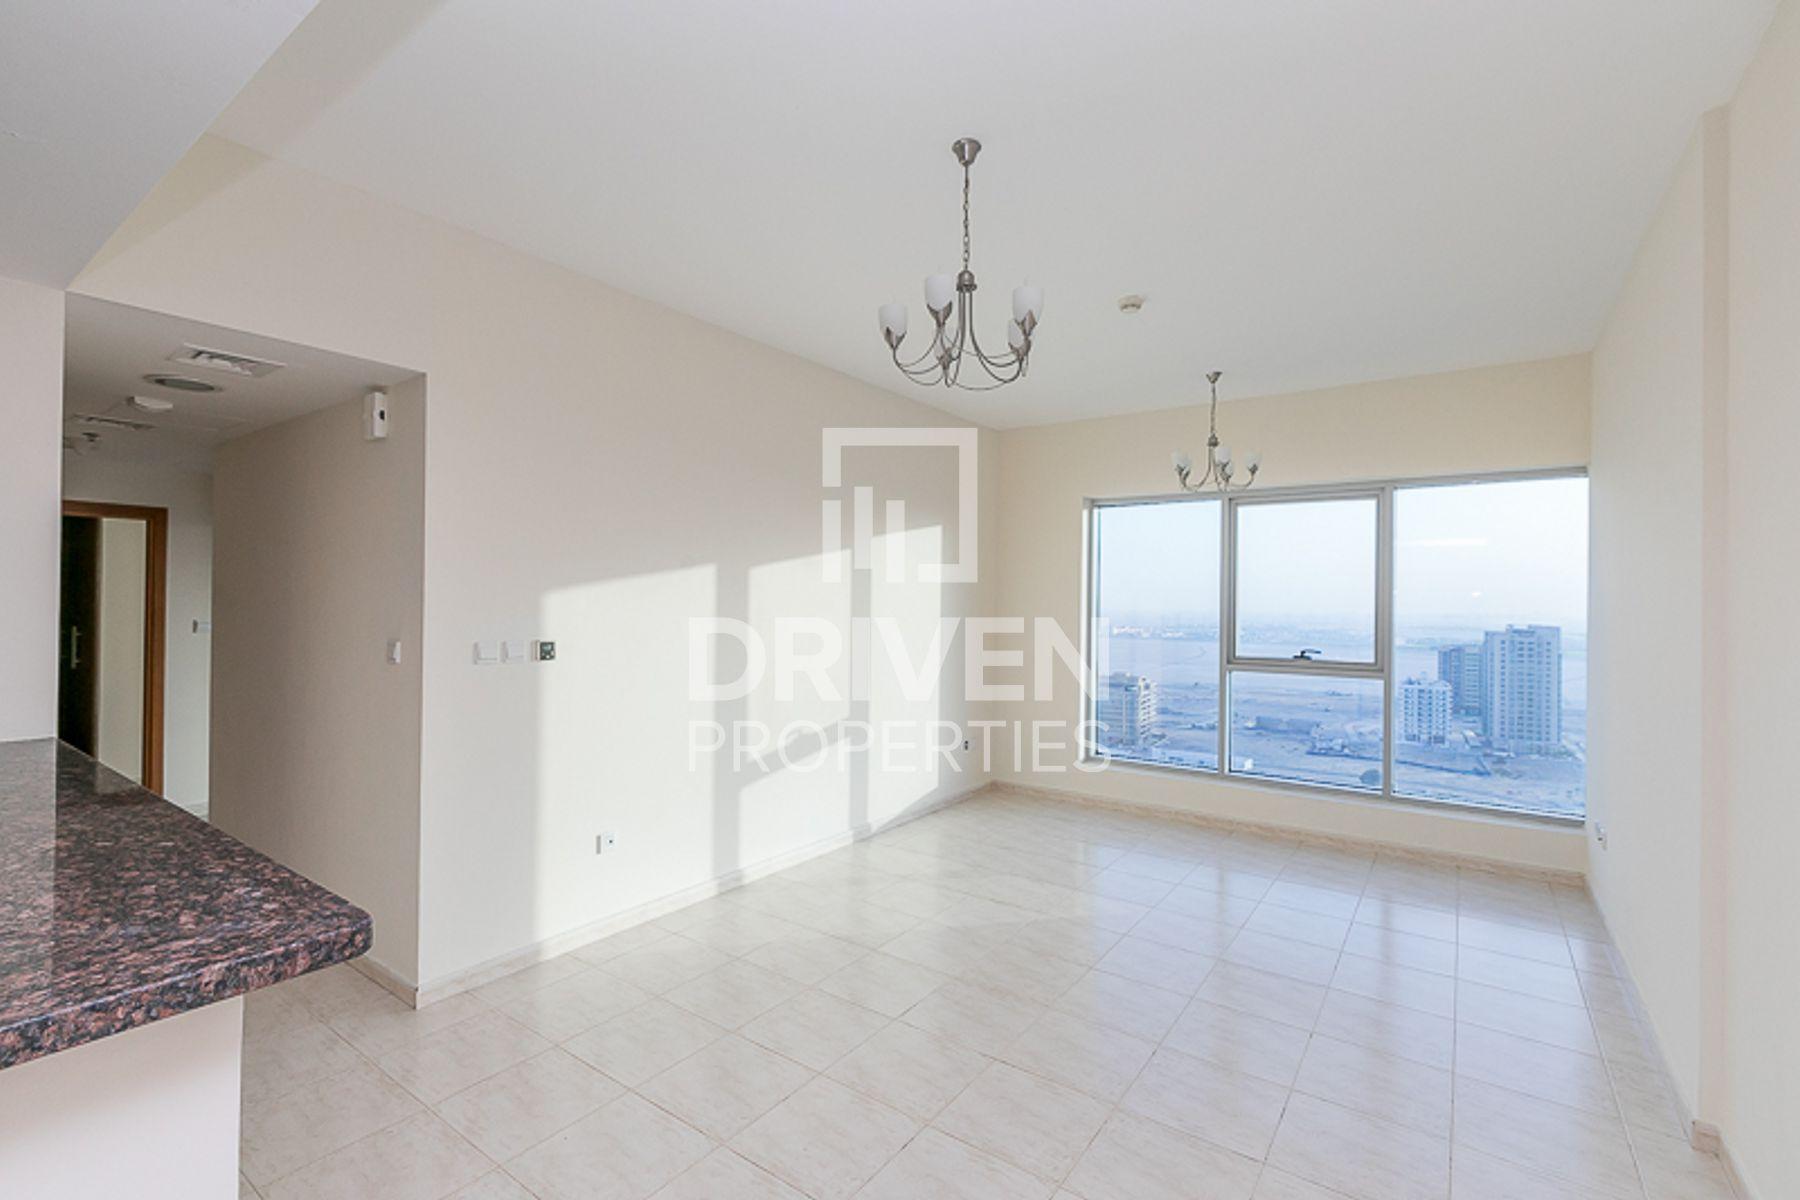 1,268 قدم مربع  شقة - للايجار - دبي لاند